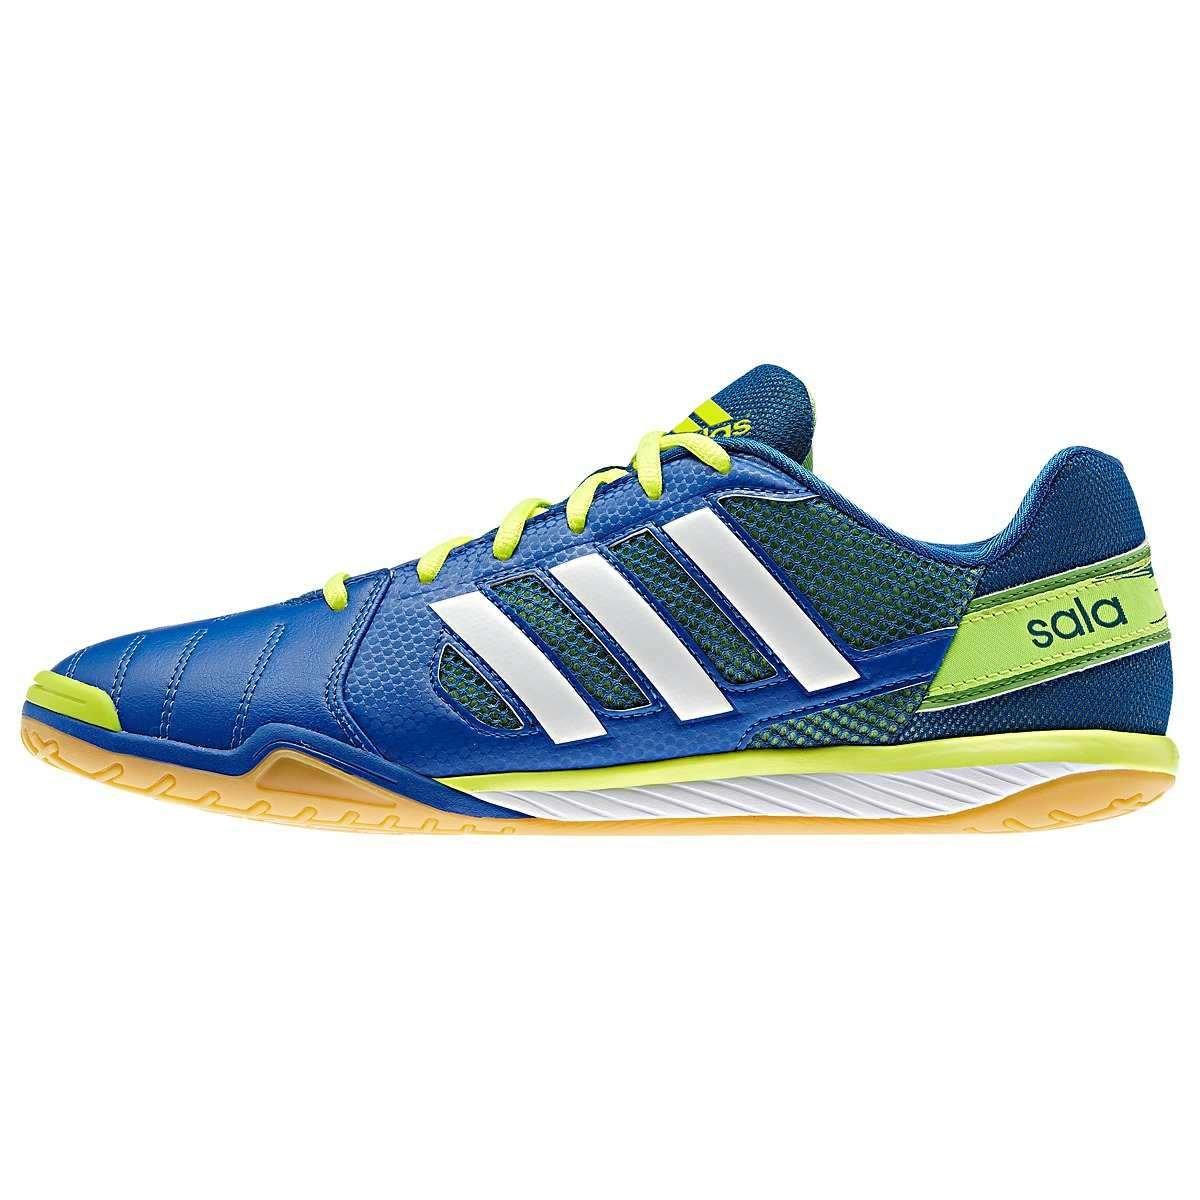 Q21622 Adidas freefootball TopSala Blau 46 UK 11